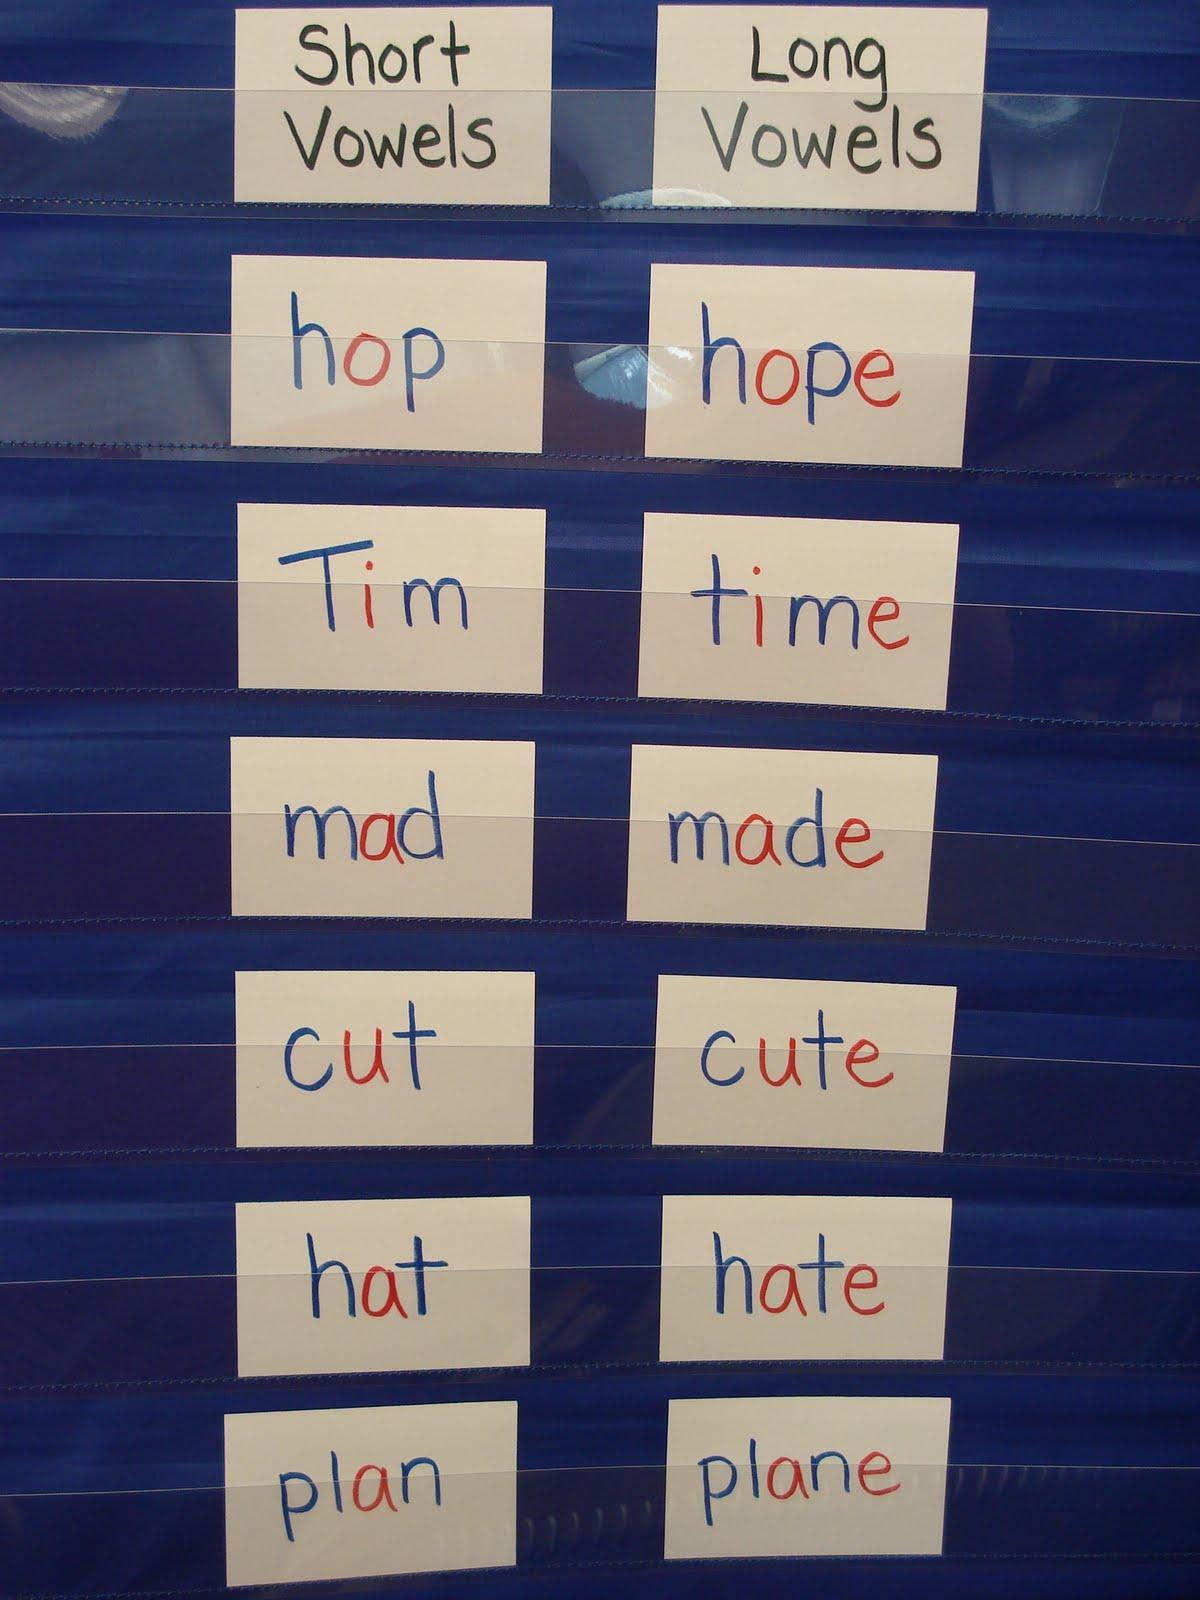 Vowel Sounds Short Vowels And Worksheets